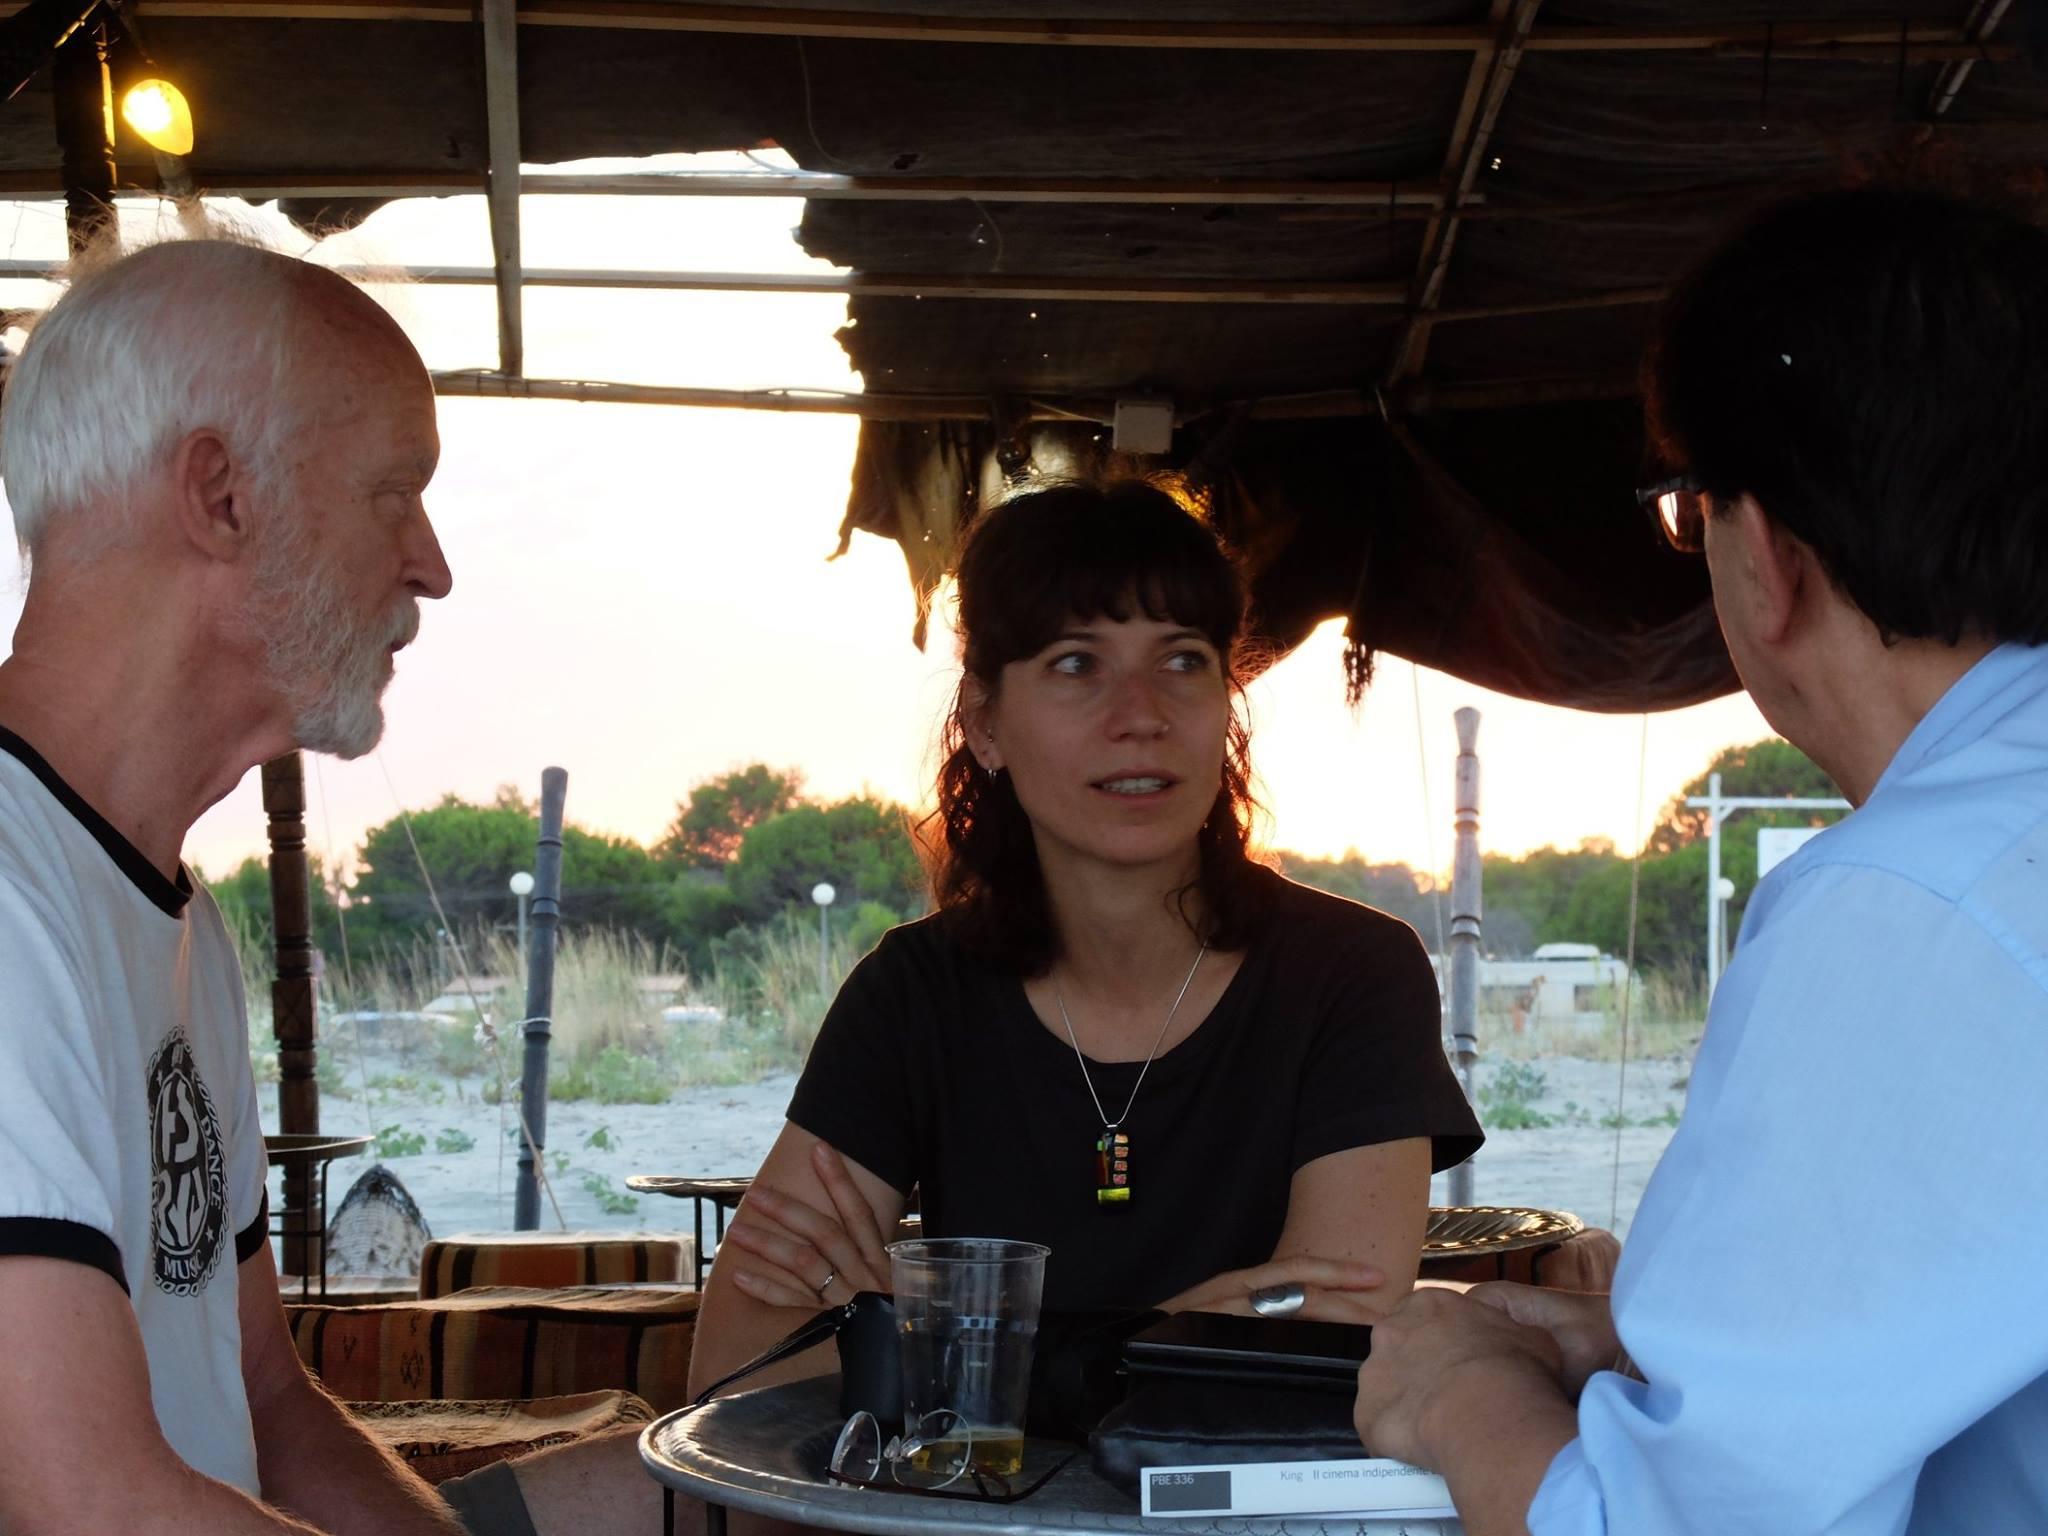 durante l'intervista a jon jost - foto di Giuseppe tumino (3)